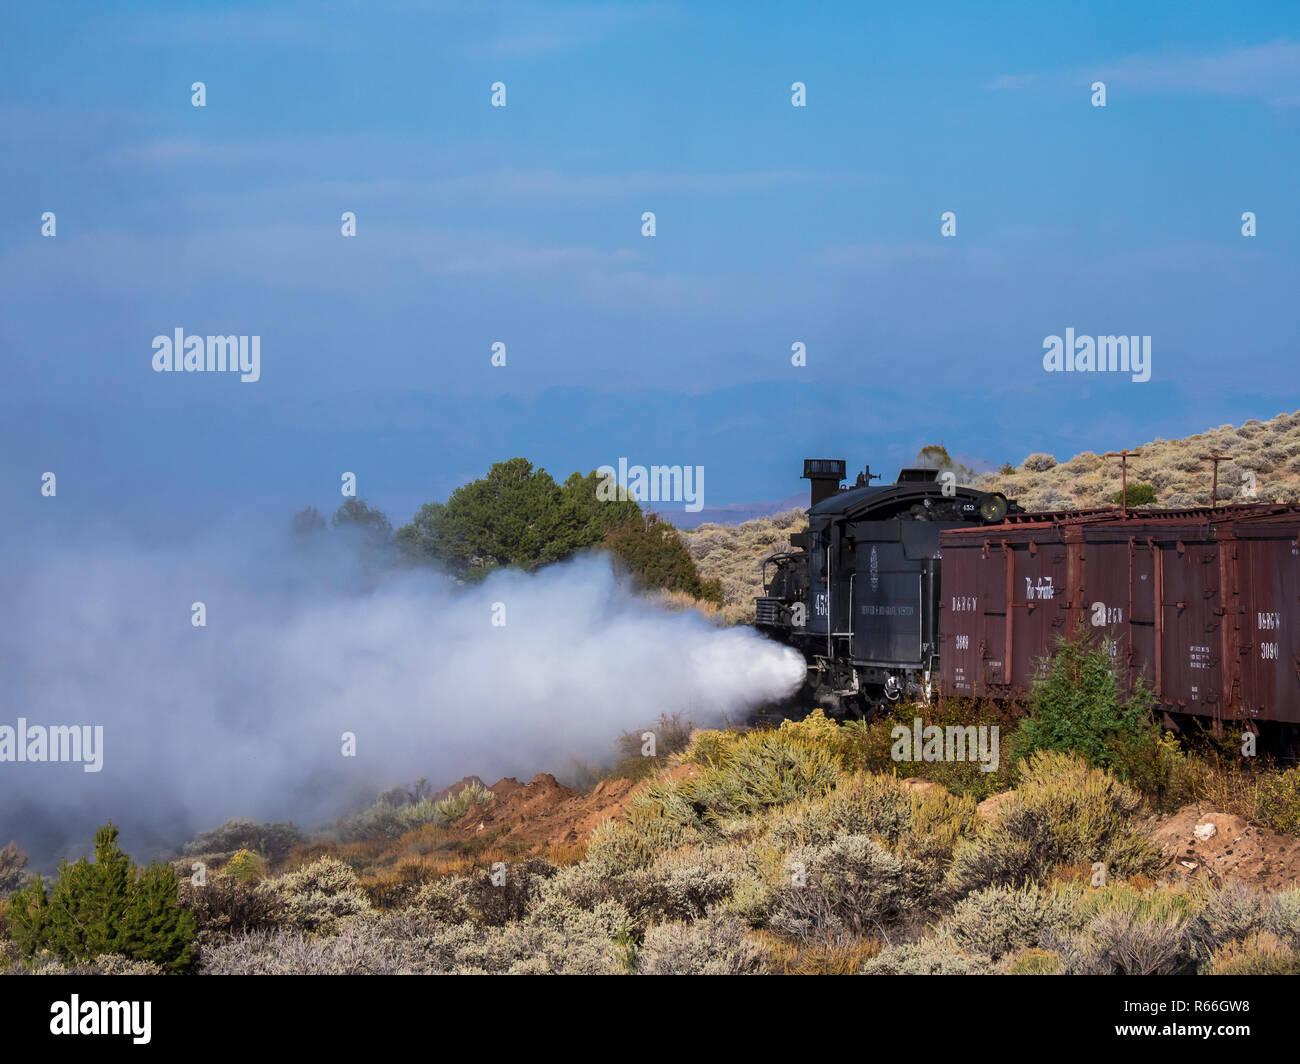 Locomotive 453 steam-engine freight train lets of steam, Cumbres & Toltec Scenic Railroad, Antonito, Colorado. - Stock Image